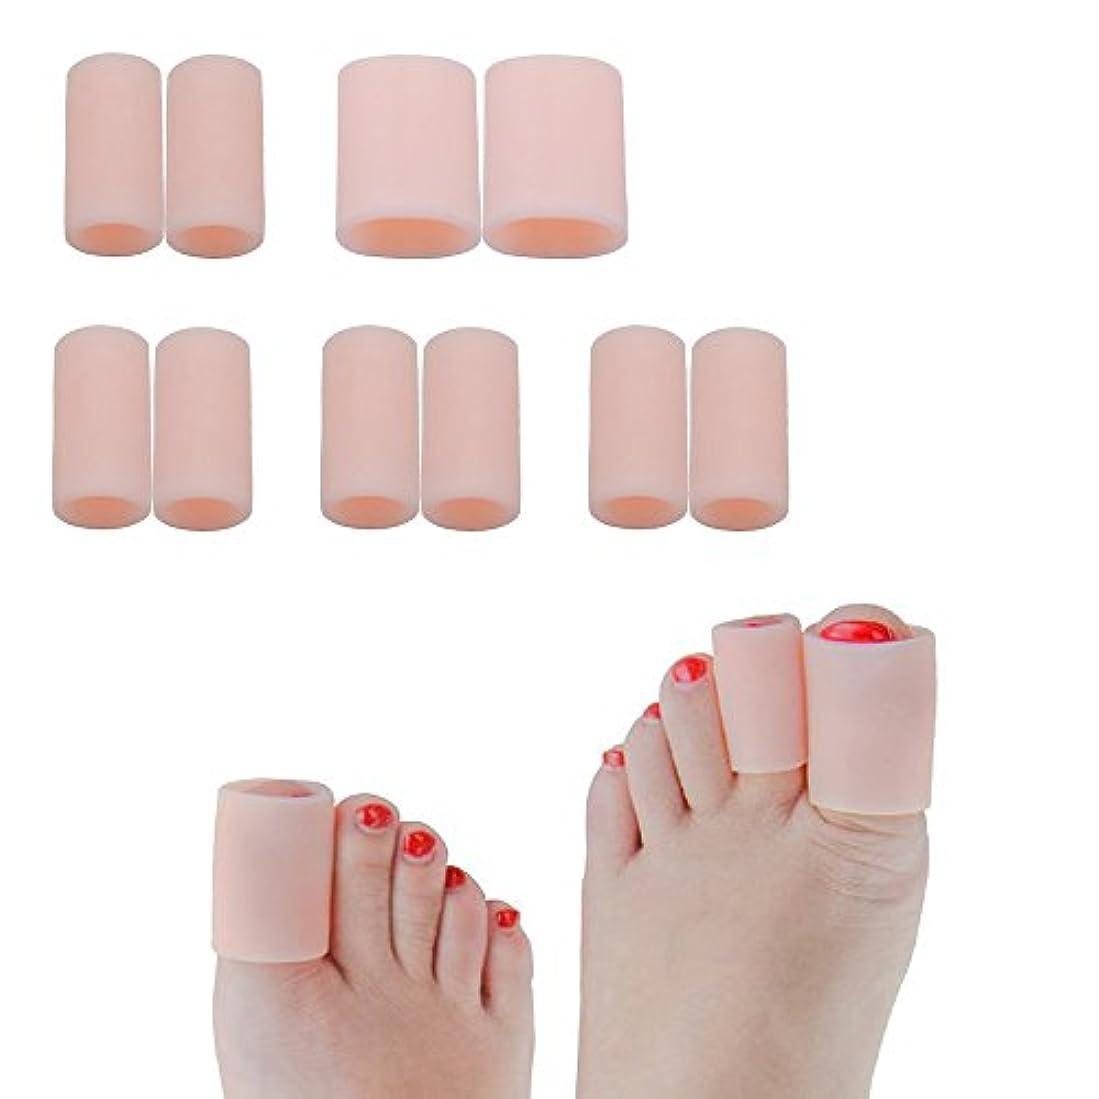 アジア通行料金ケーブル足指保護キャップ つま先プロテクター 足先のつめ保護キャップ シリコン (肌の色, 1組の大きなゲル+4組の小さなゲル)